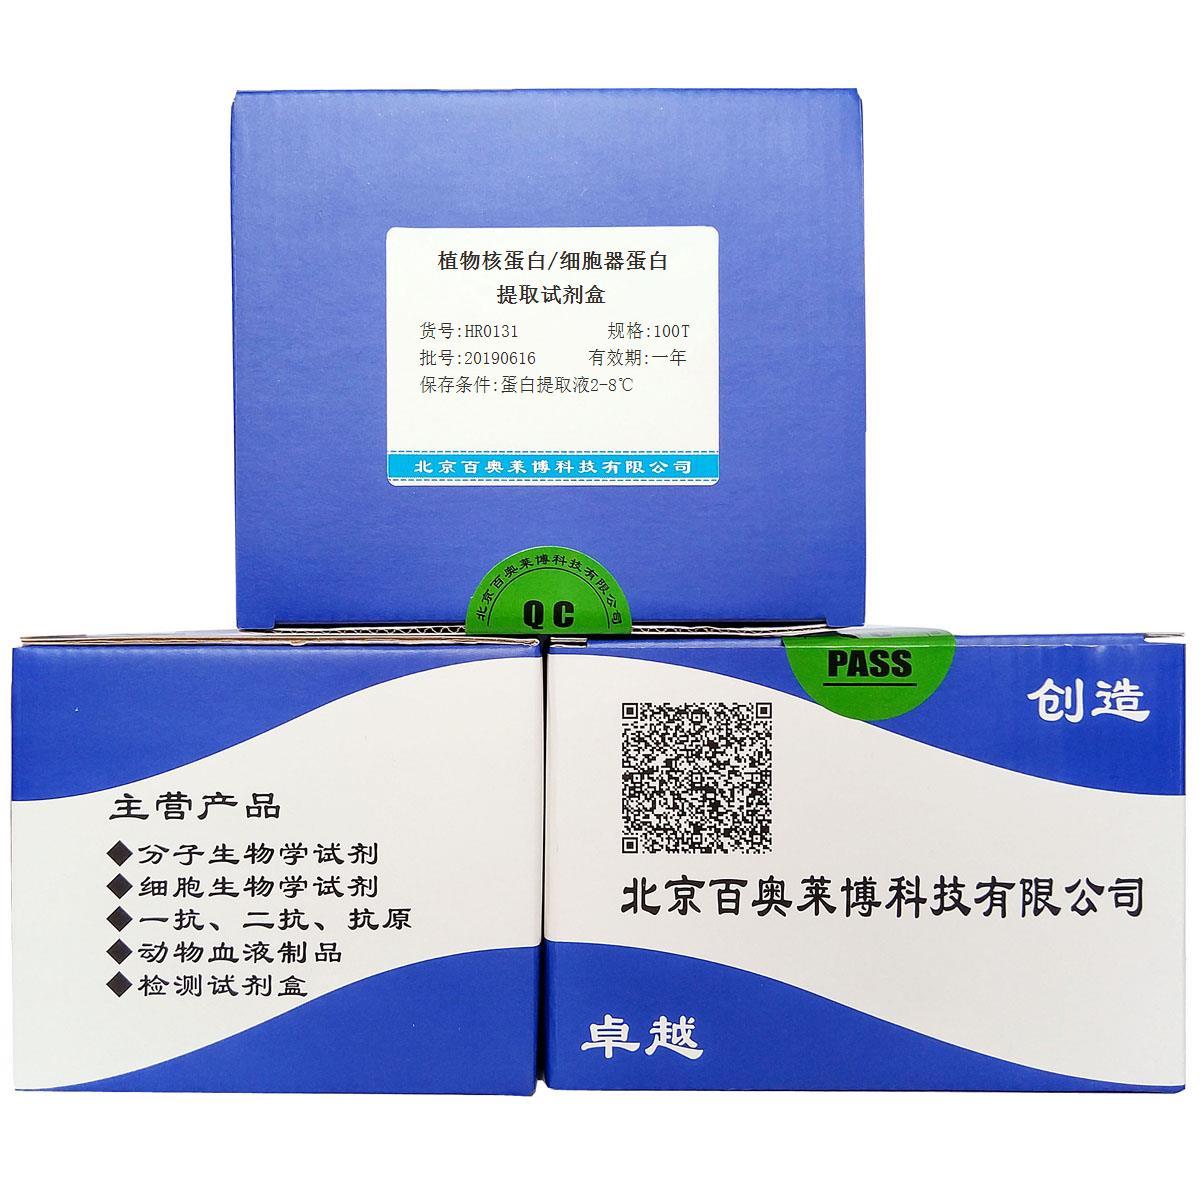 植物核蛋白/细胞器蛋白提取试剂盒北京厂家